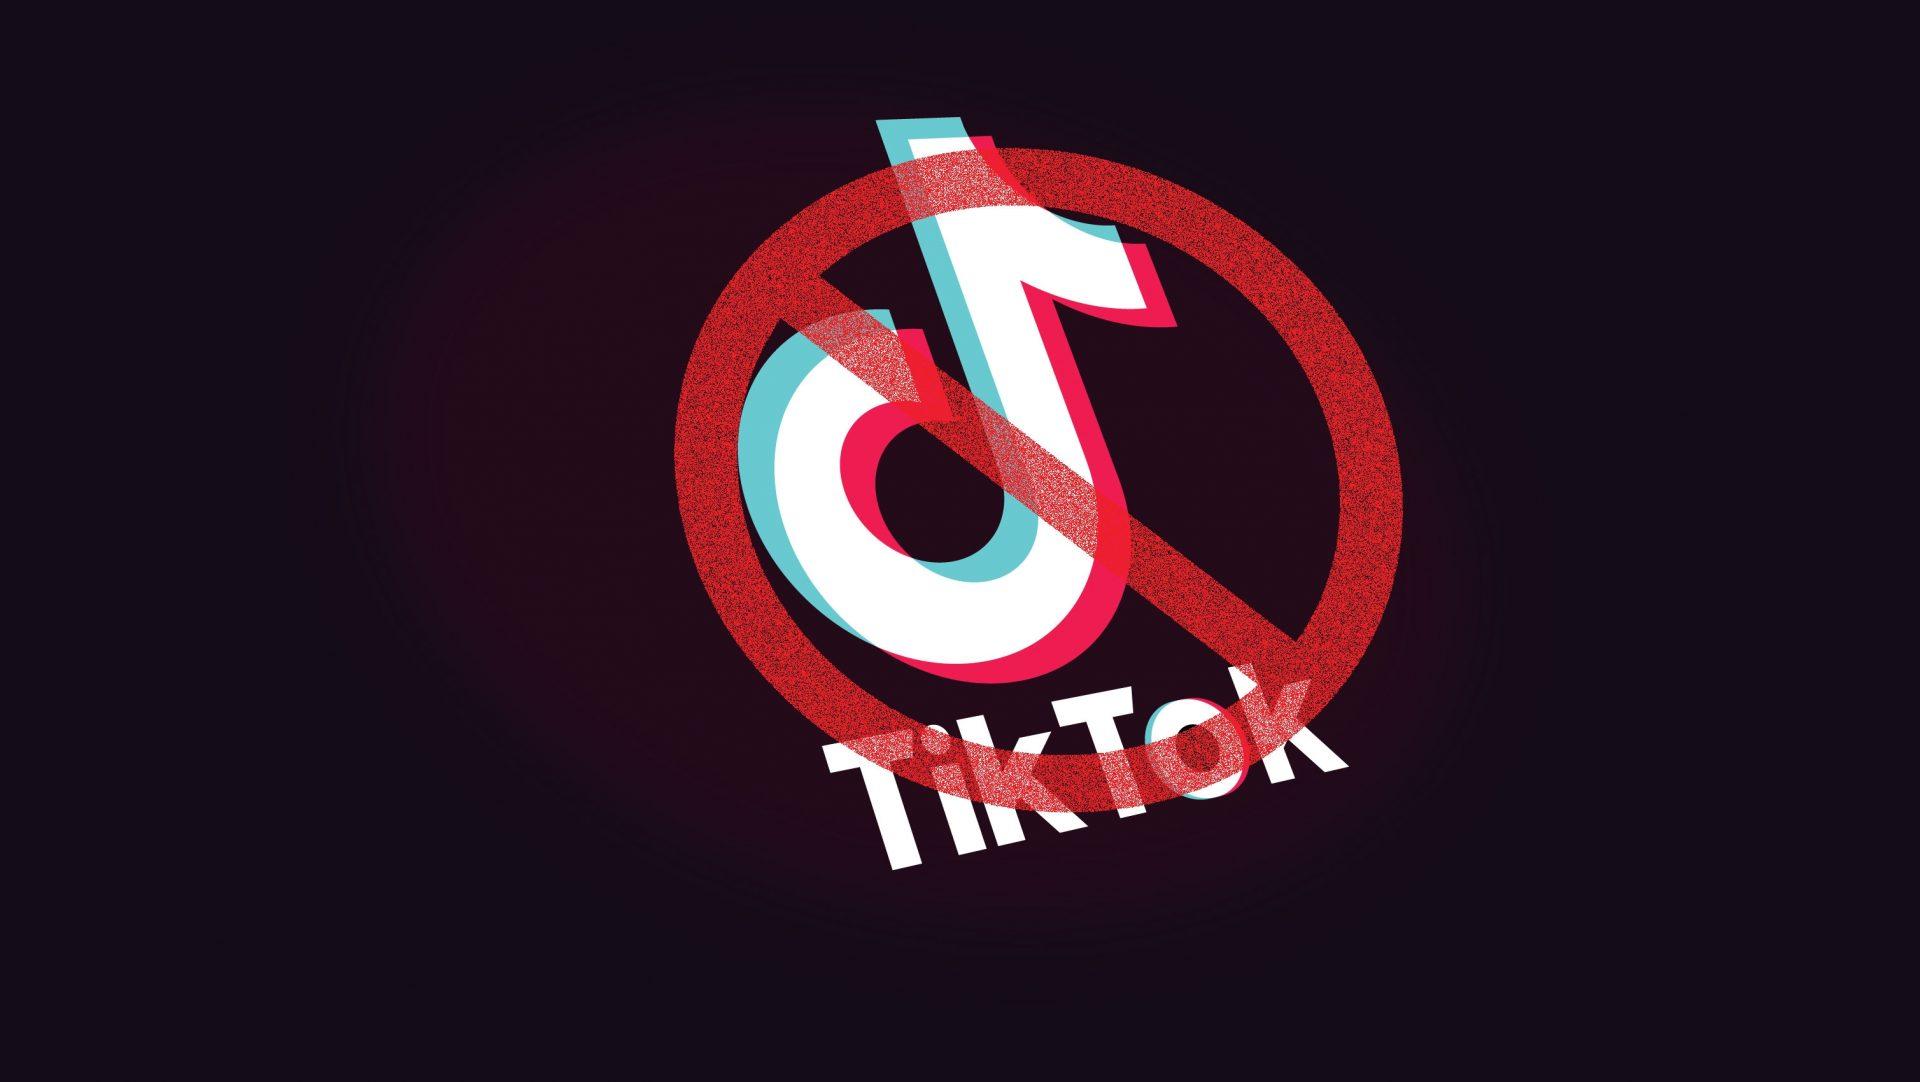 """Pakistan se alătură Americii în blocarea TikTok, pe motiv că platforma ar permite conținut """"imoral și indecent"""""""